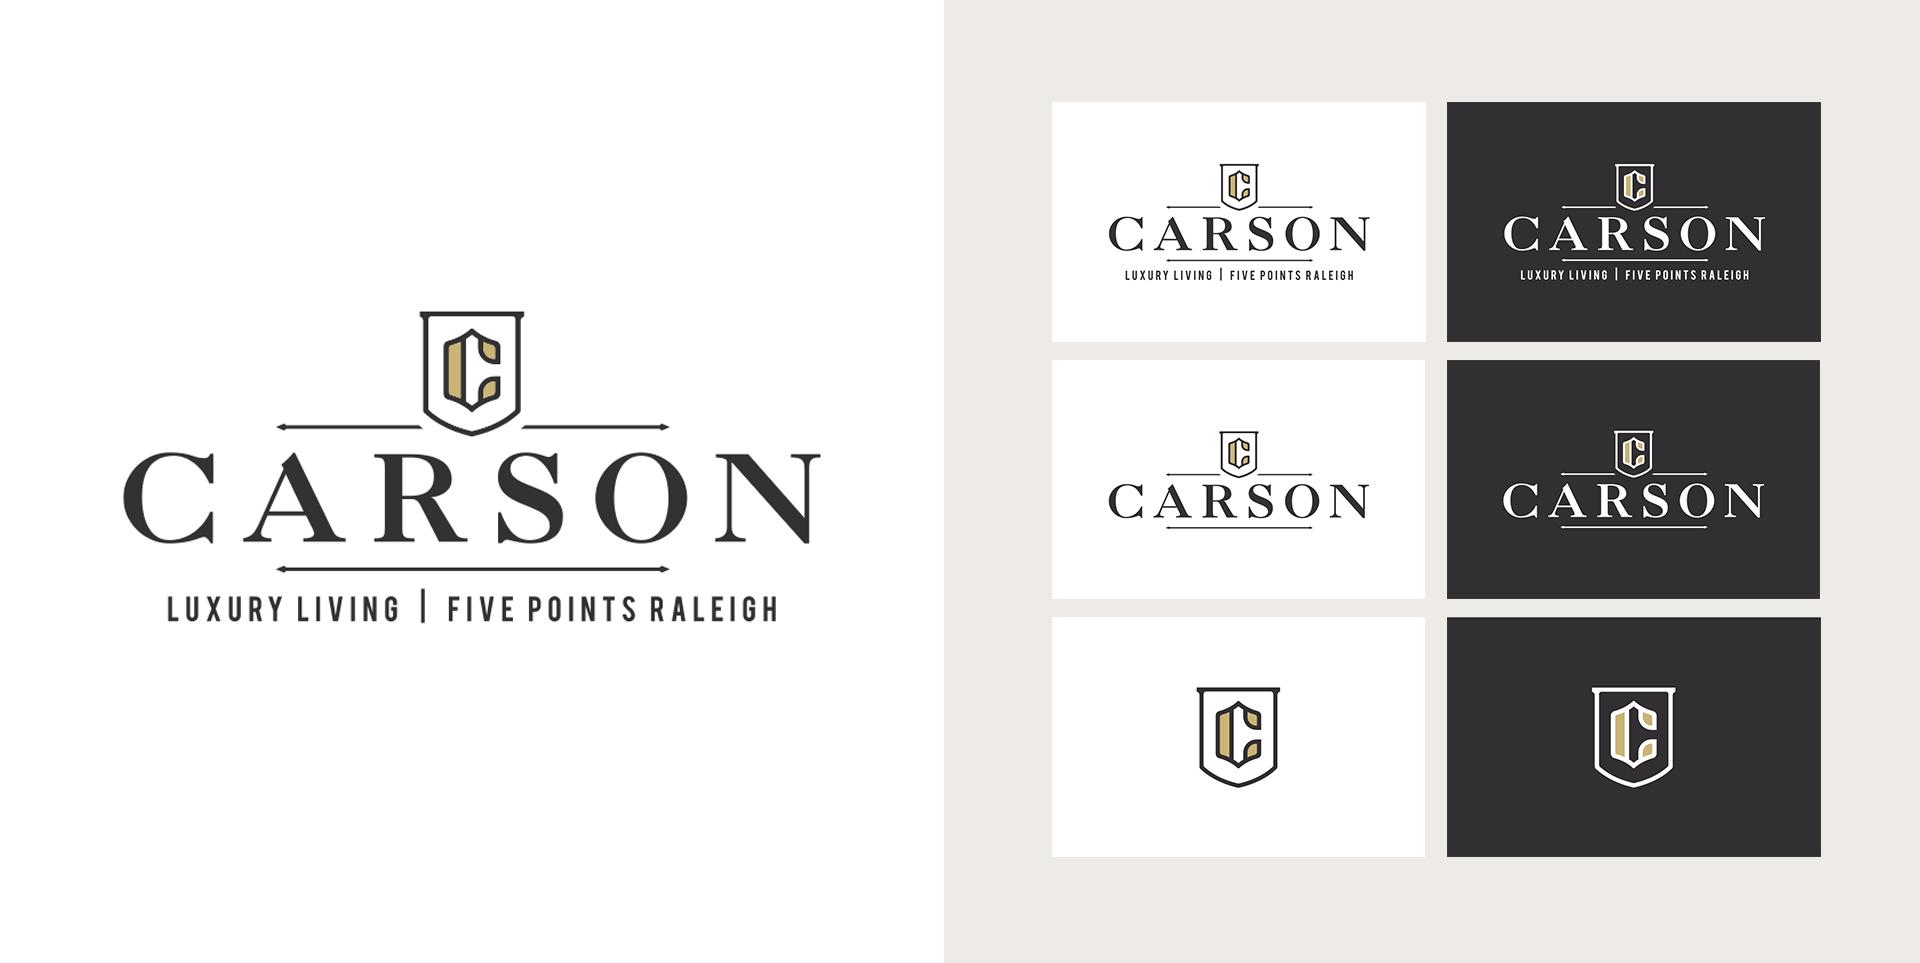 The Carson - Logo Design by Springer Studios, Raleigh, NC